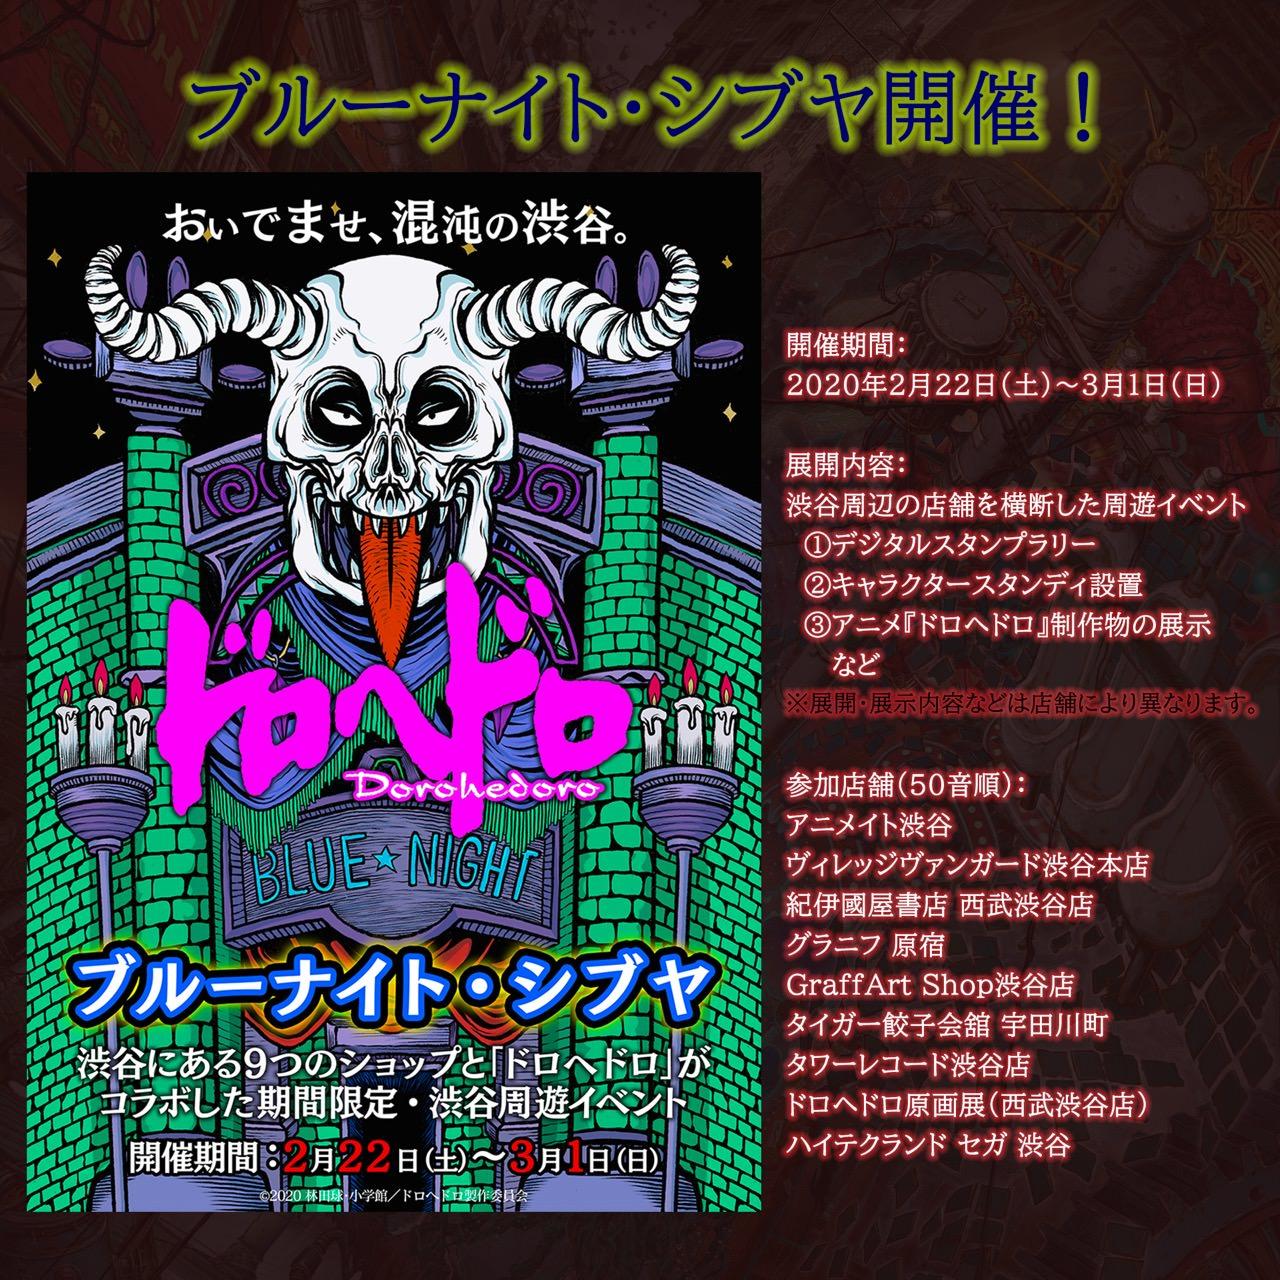 ドロヘドロ「ブルーナイト・シブヤ」in 渋谷 2.22-3.1 周遊イベント開催!!